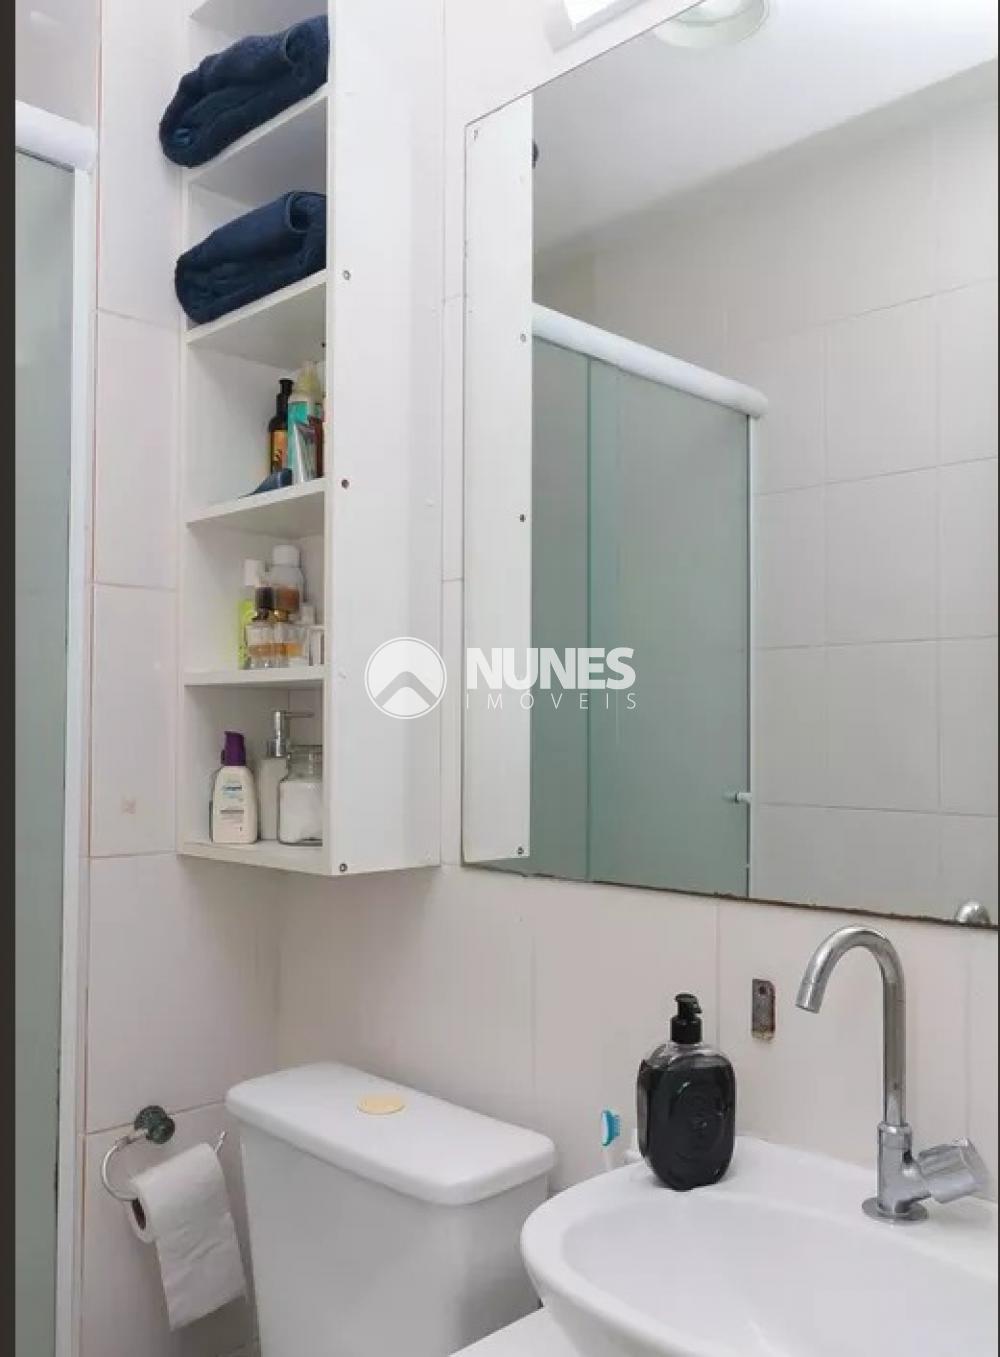 Comprar Apartamento / Padrão em Osasco R$ 370.000,00 - Foto 8